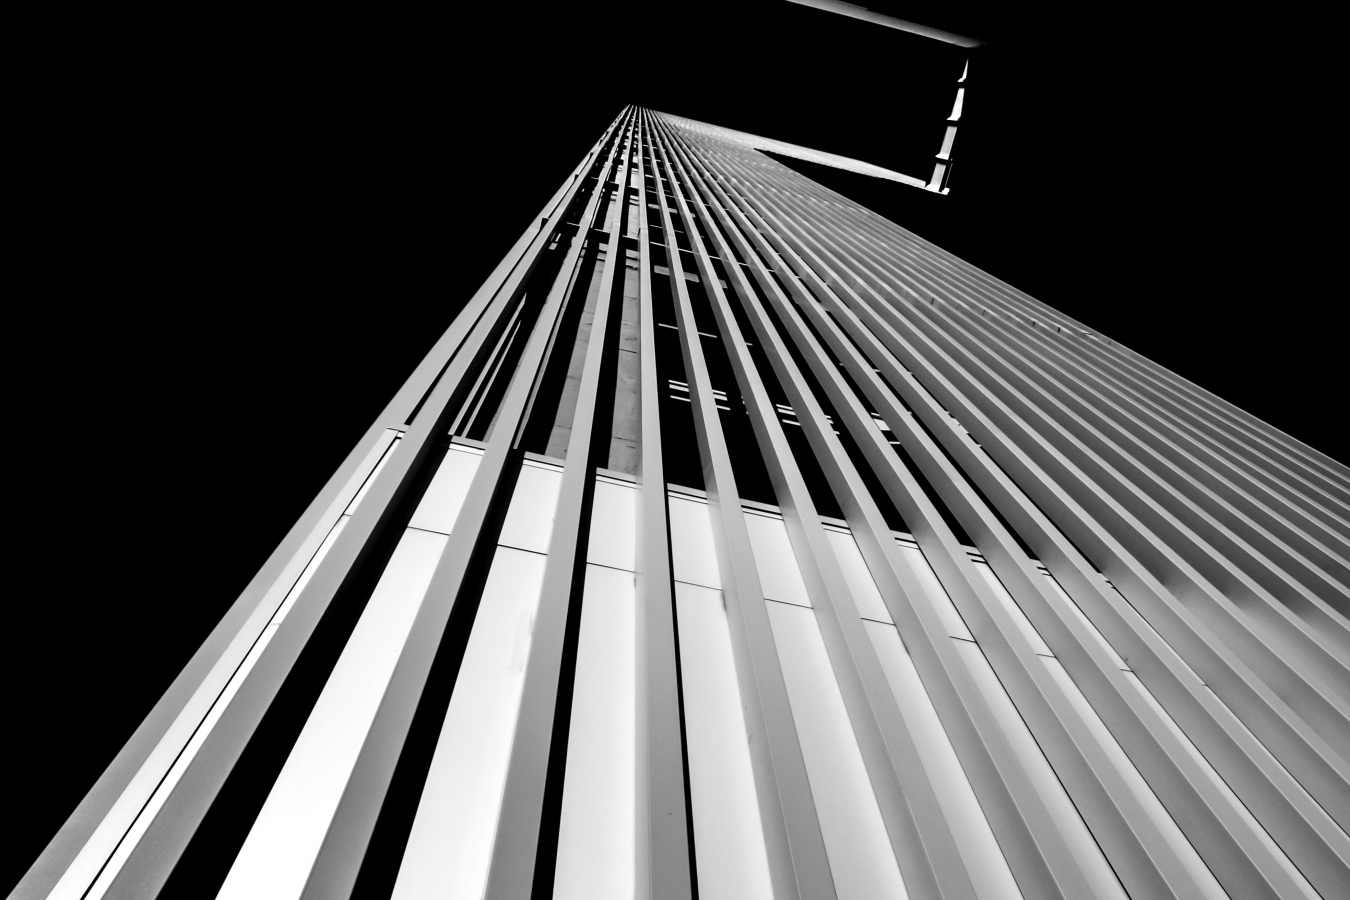 Torrent-Valencia (E) - Arquitecturas - Urbano Suárez,  FineArt Photography